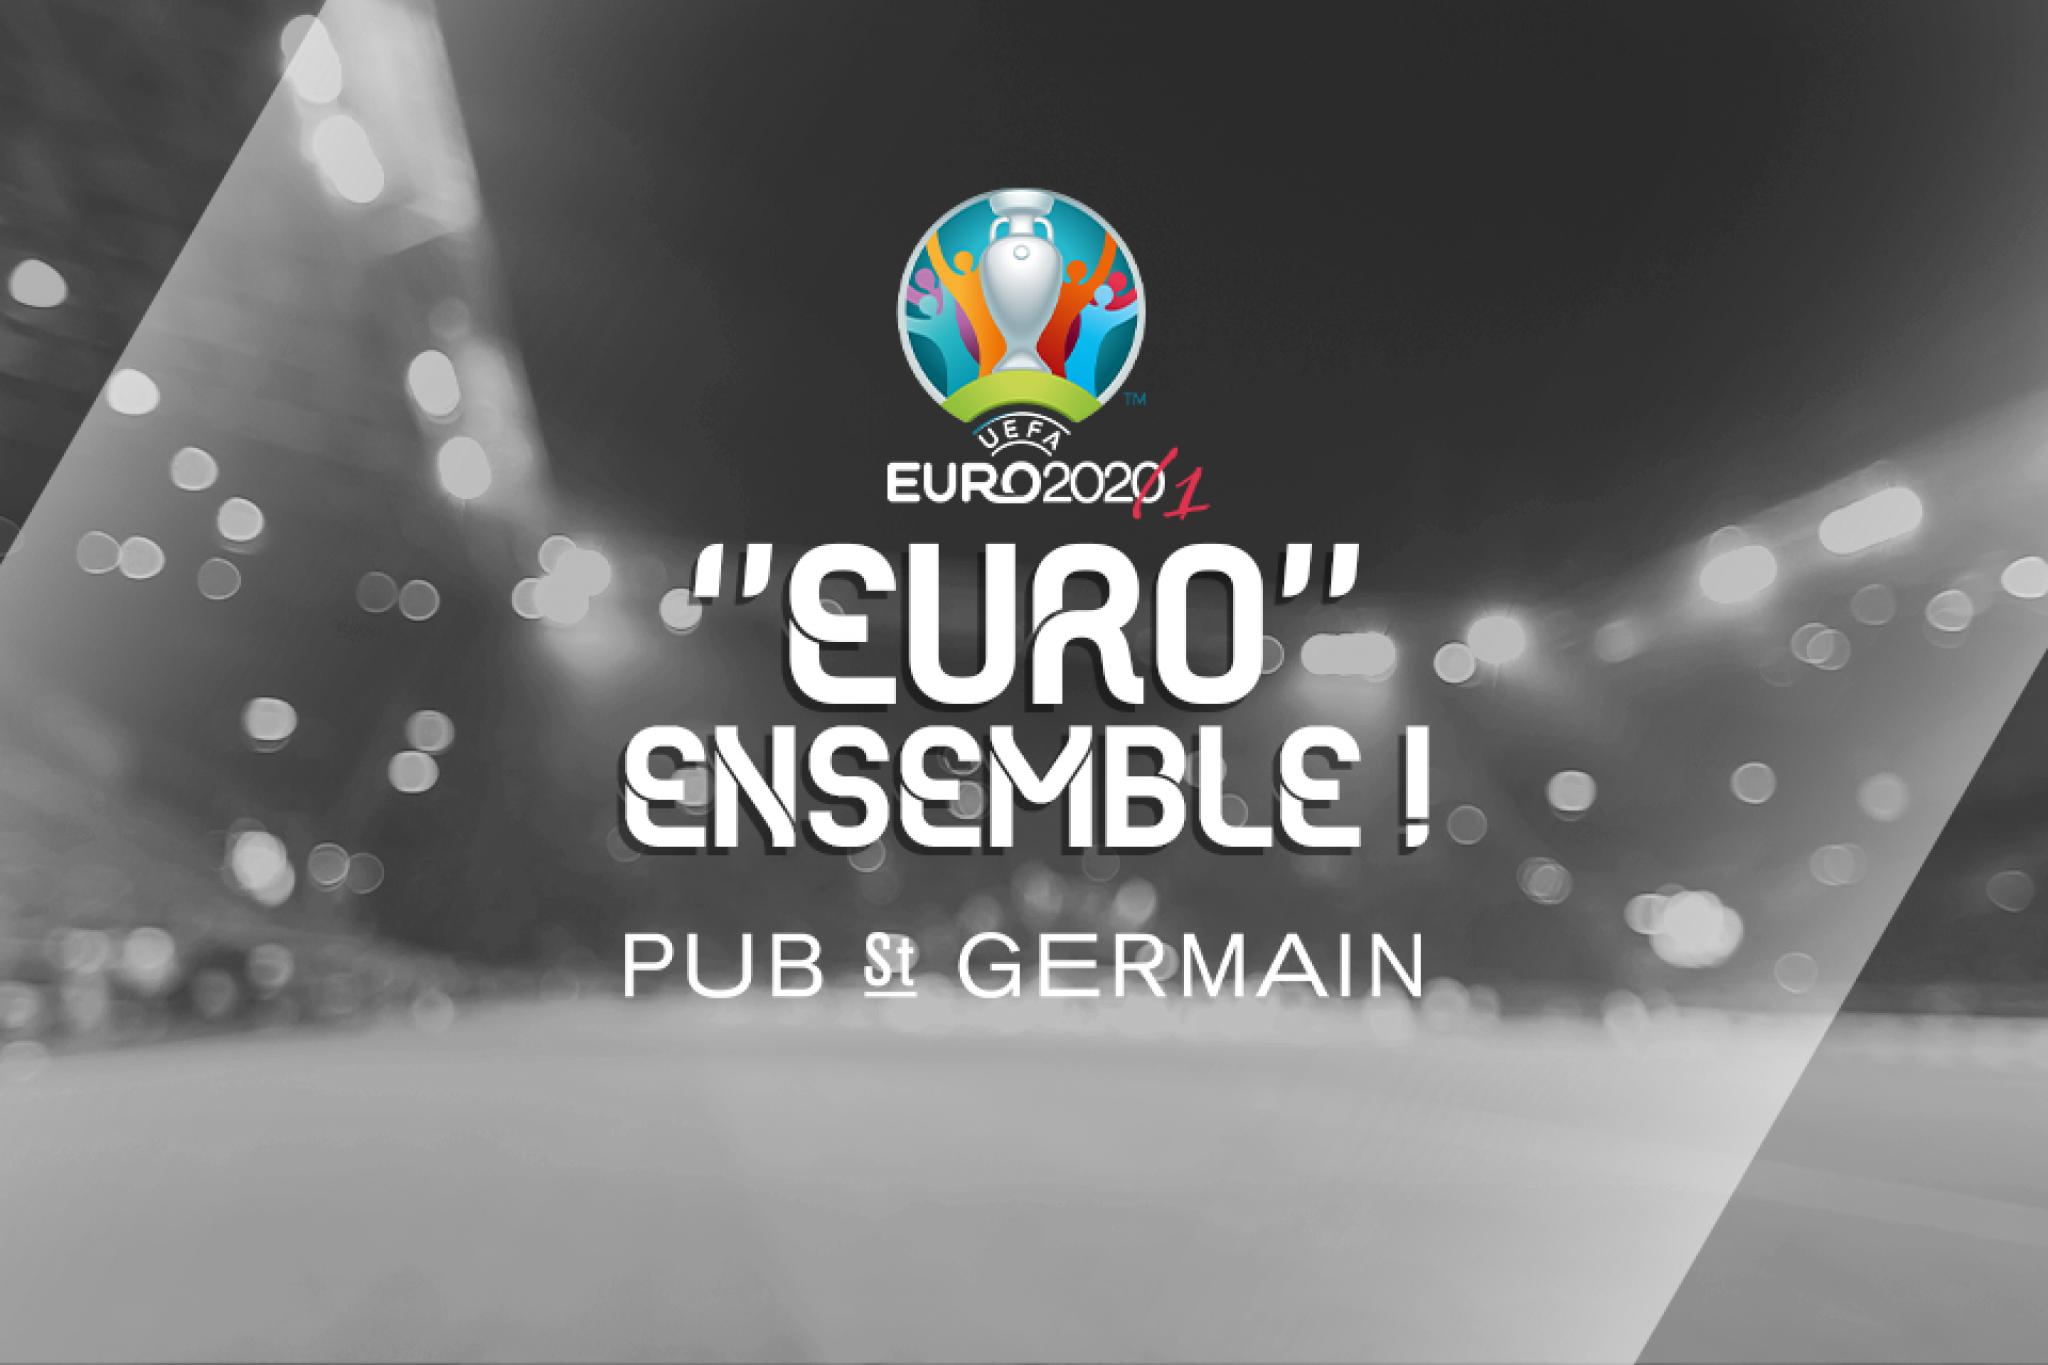 EURO ENSEMBLE